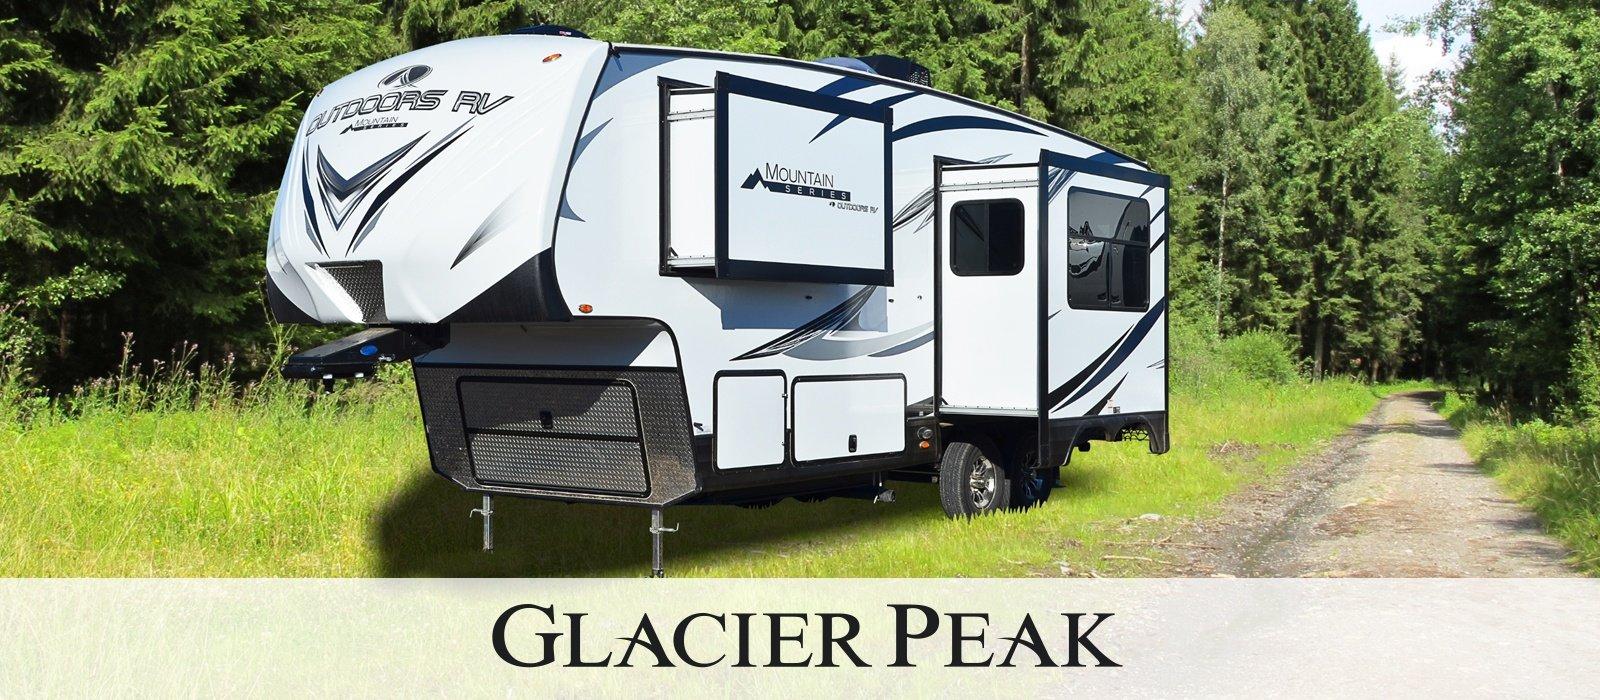 Glacier Peak RVs